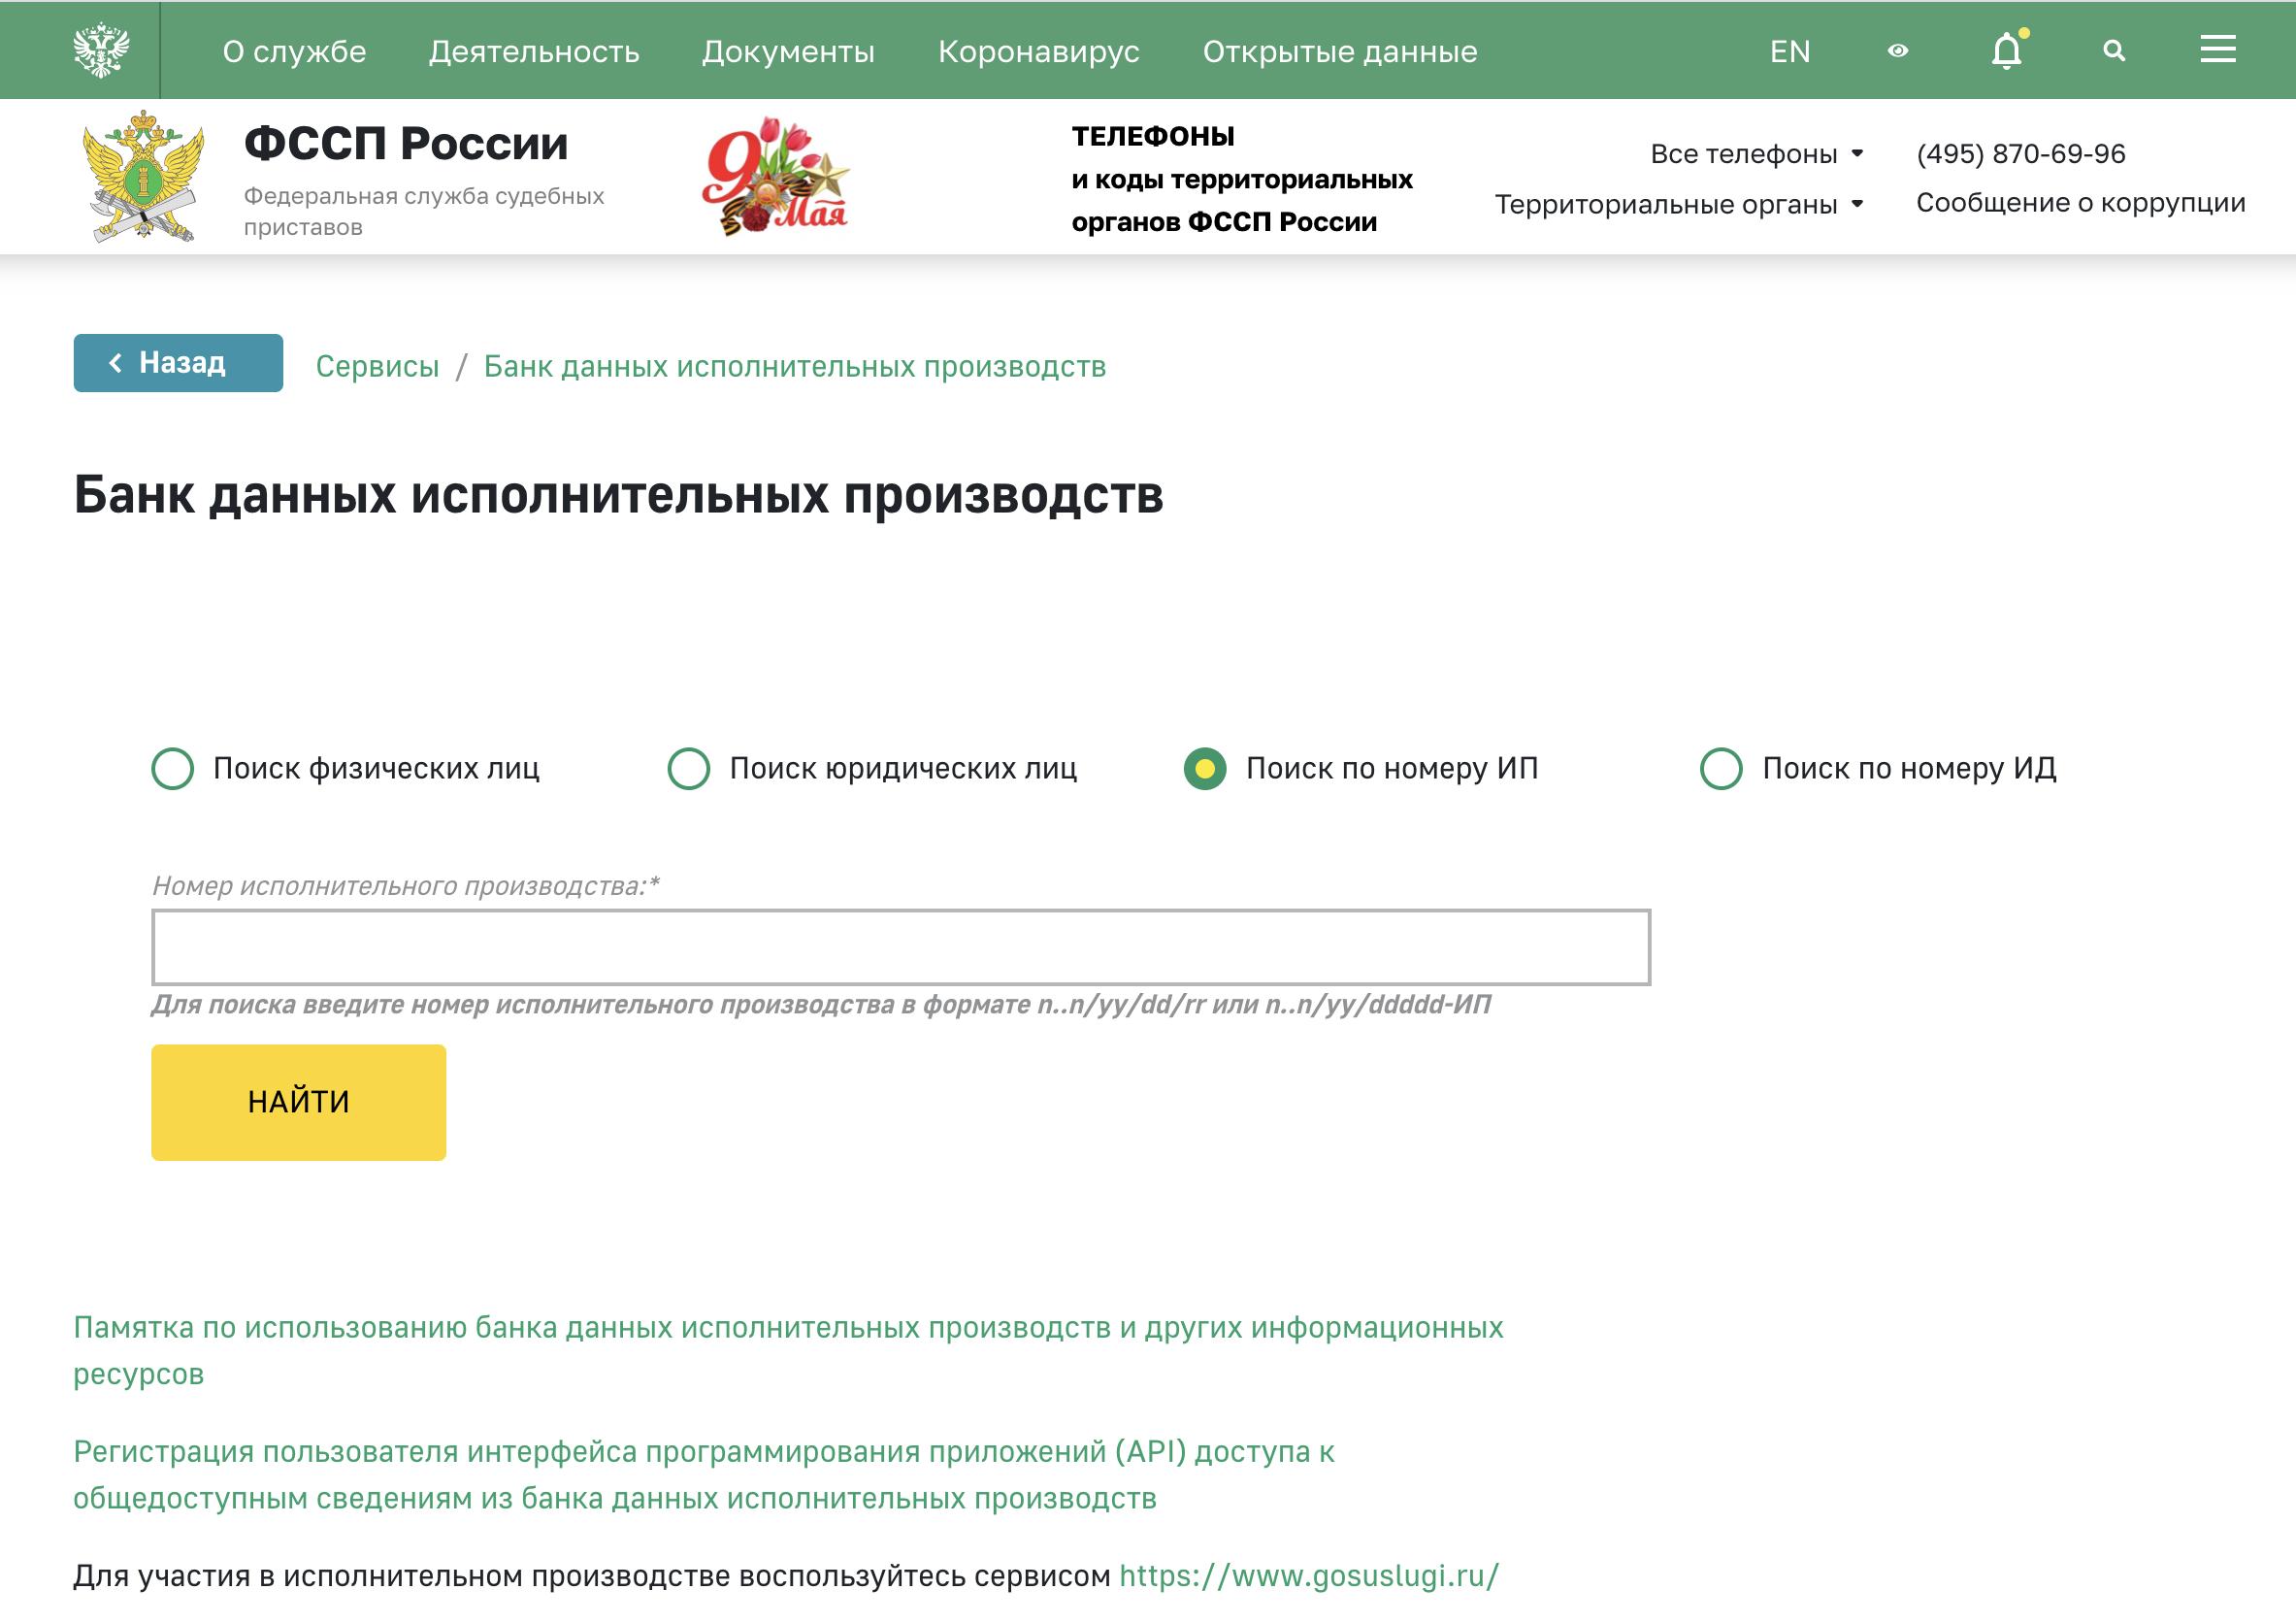 Как проверить задолженность по номеру ИП на сайте ФССП